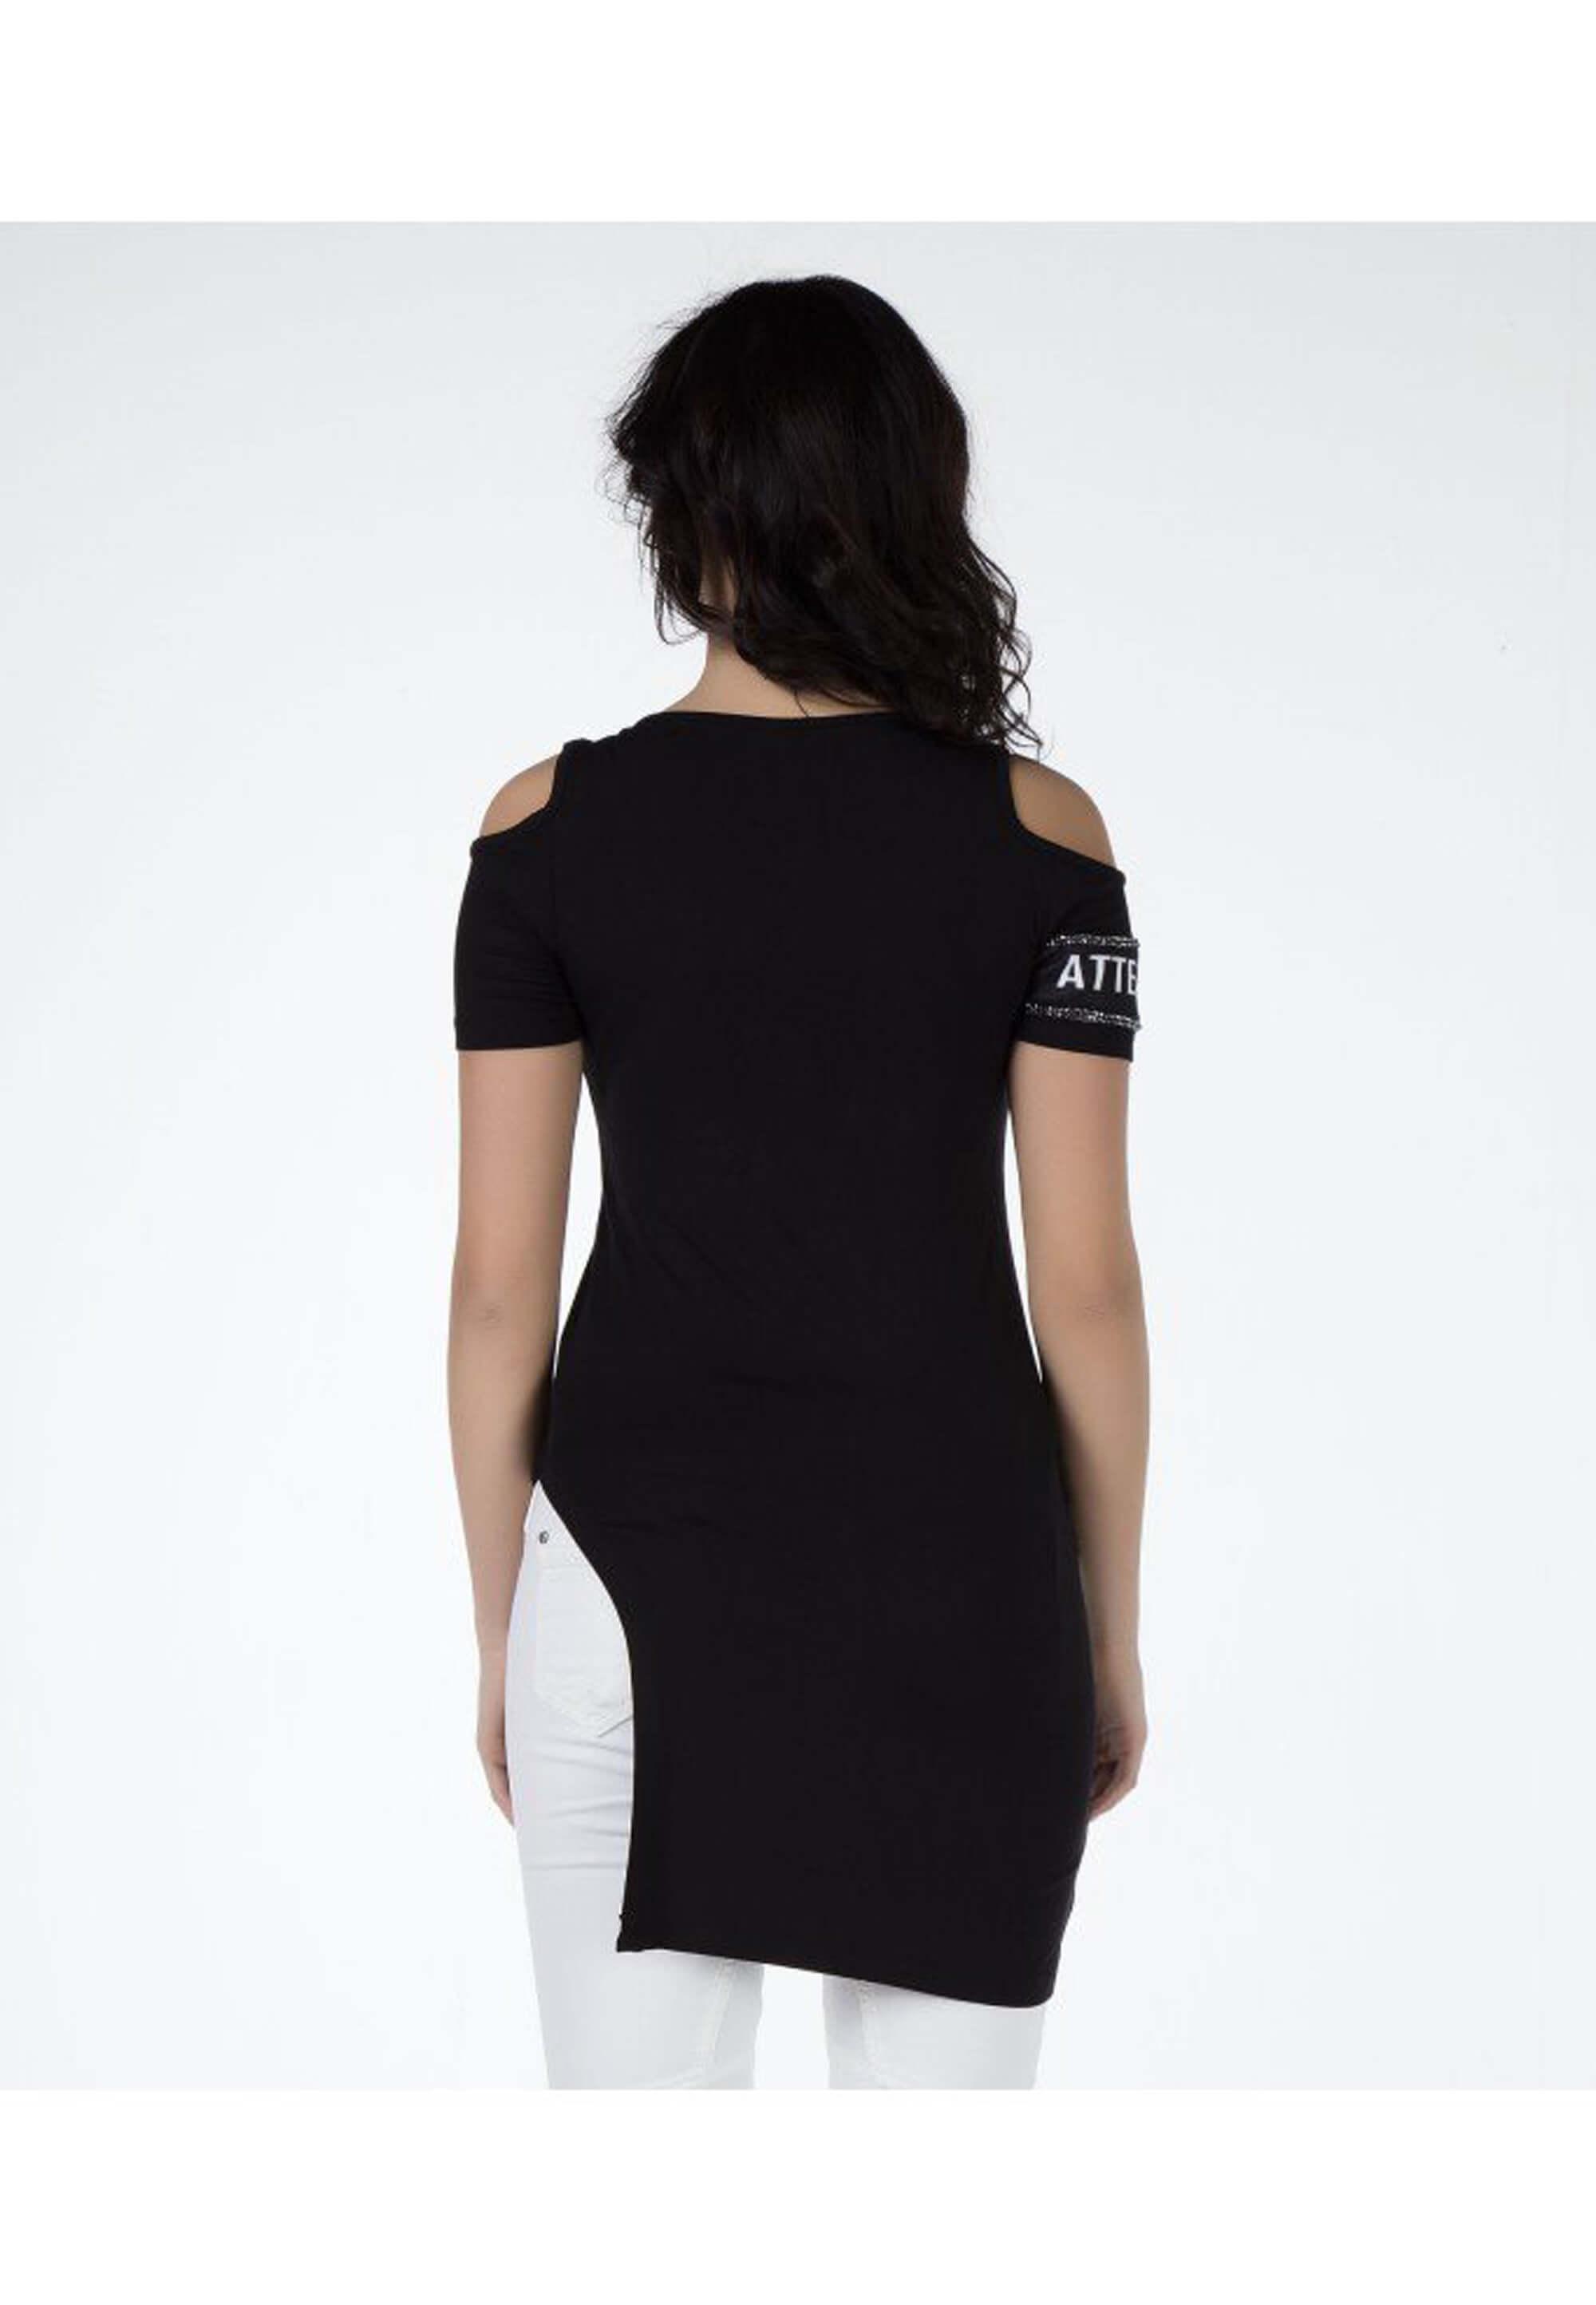 Cipo & Baxx Rundhals-Shirt in Black günstig kaufen